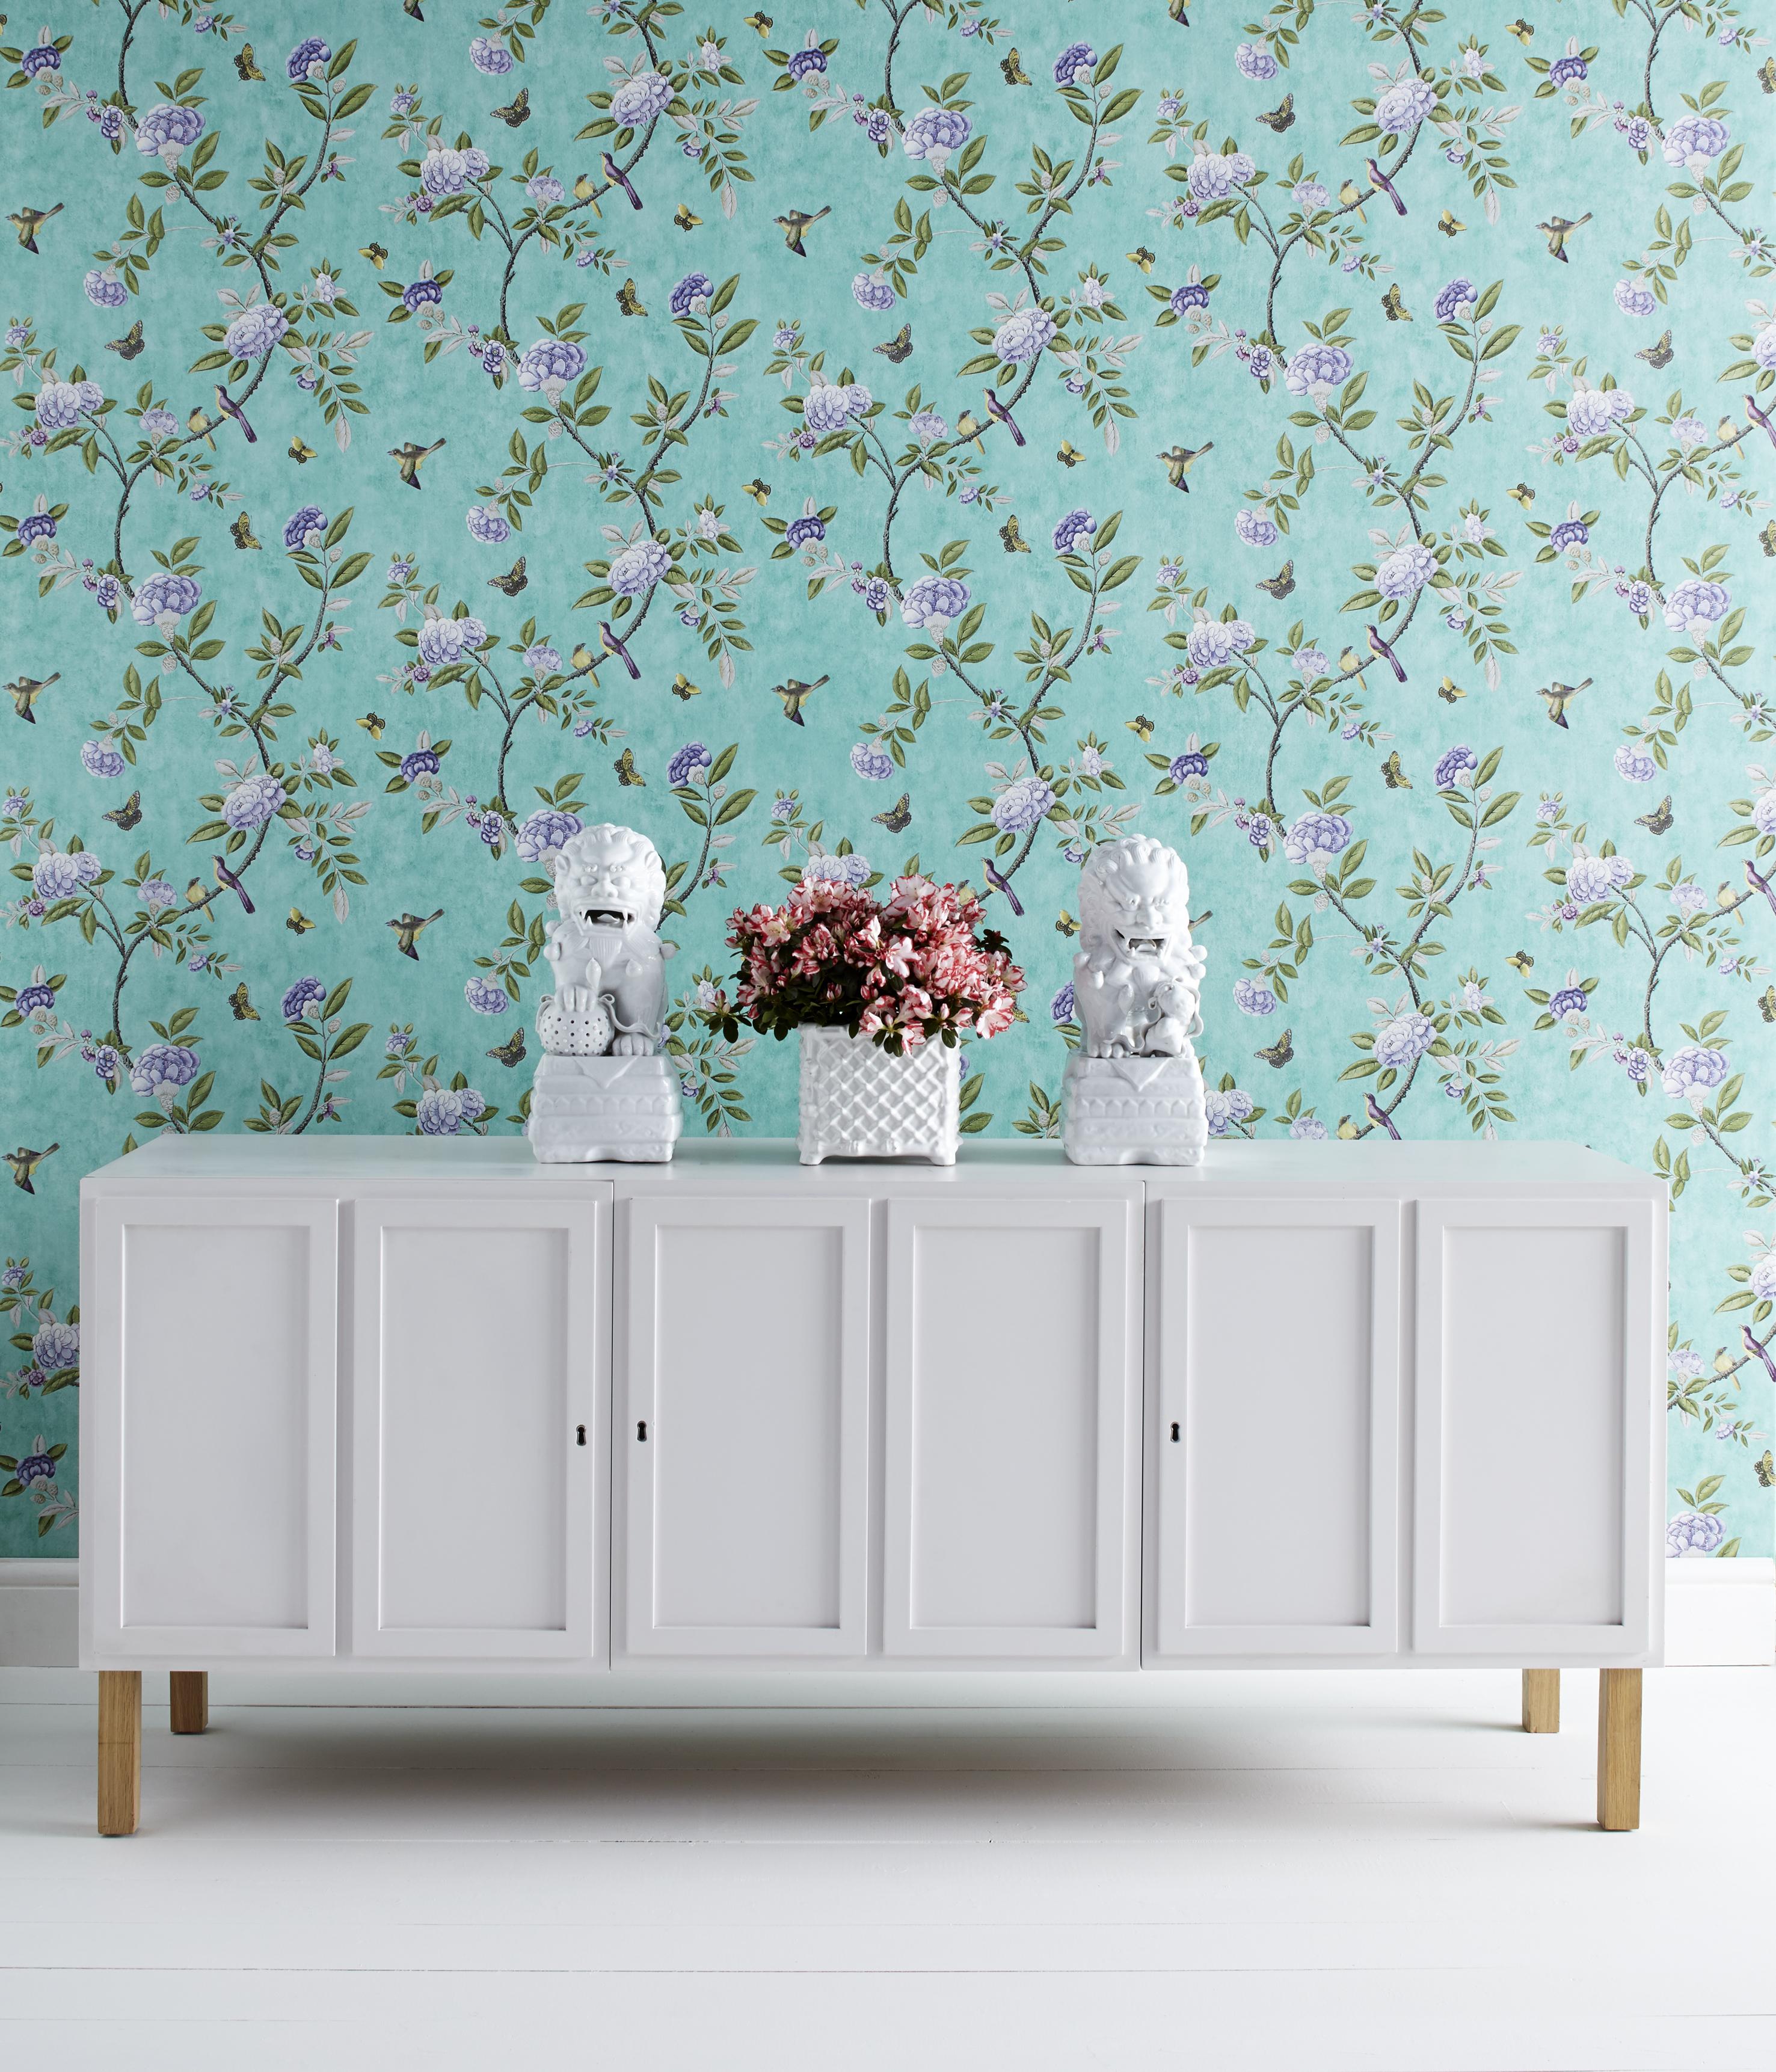 Woonkamer natuurtinten inspiratie woonkamer scandinavisch creatieve idee n voor home design - Modern behang voor volwassen kamer ...